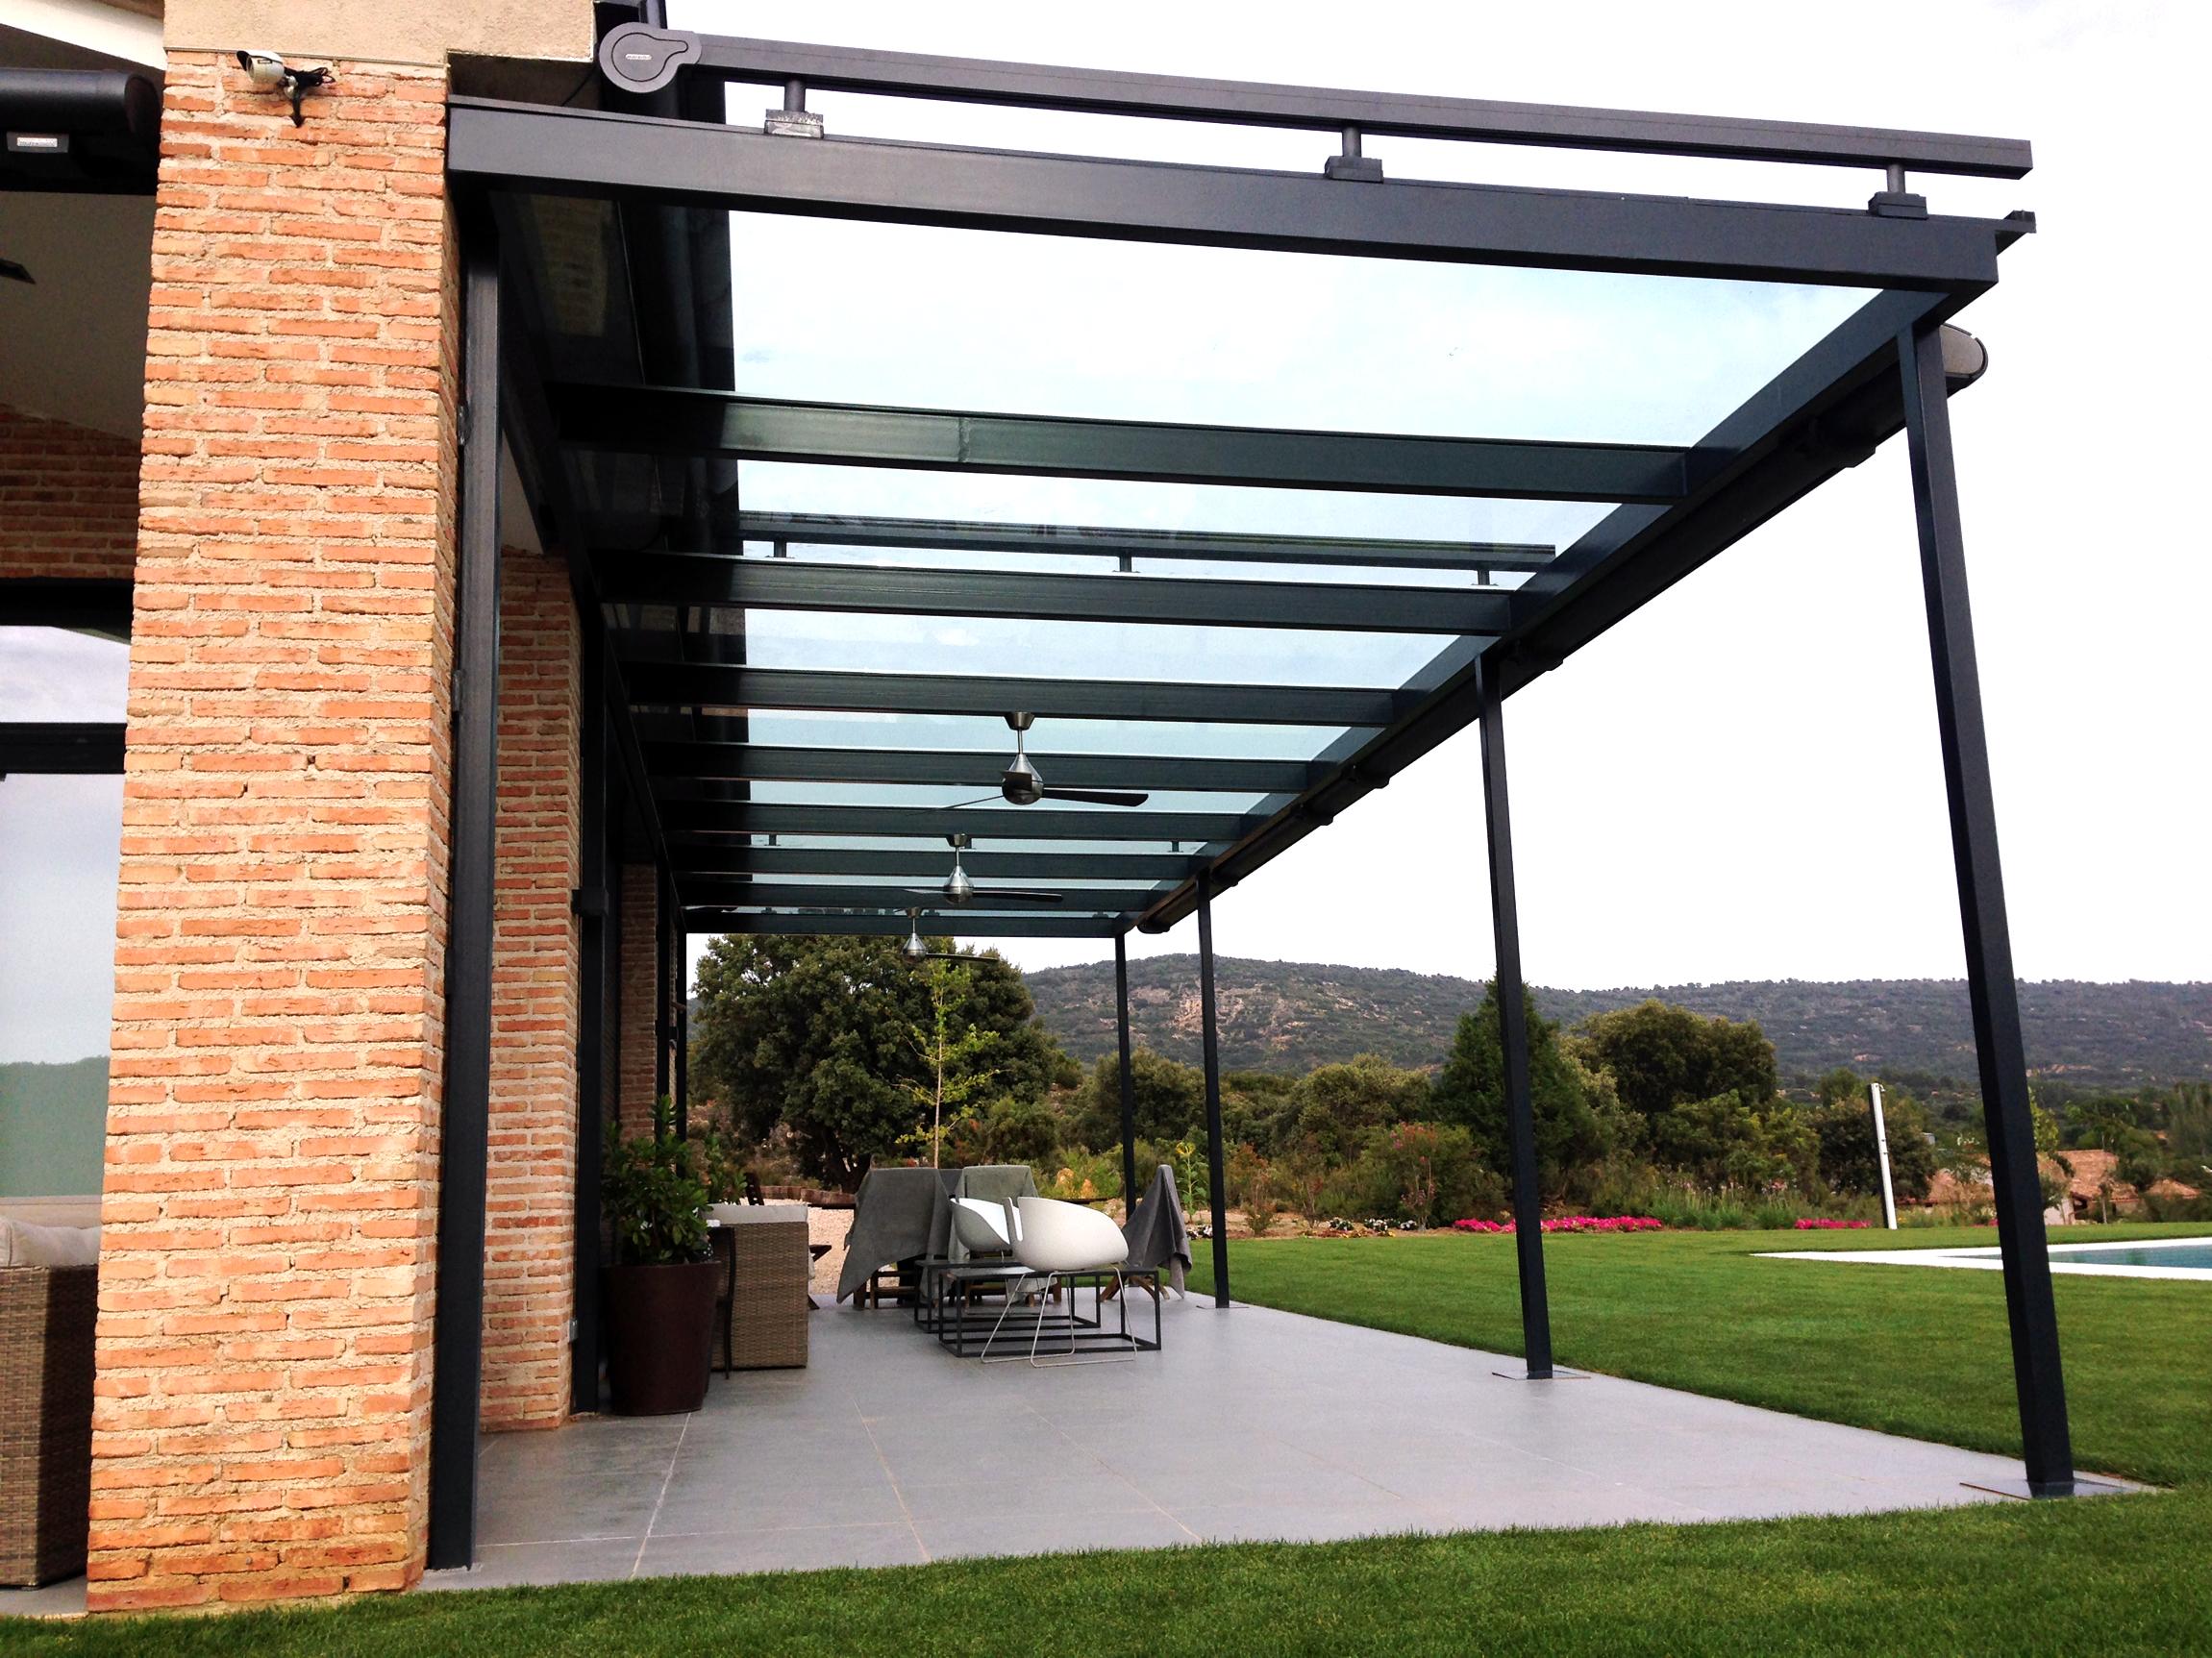 Toldos cofre para dosificar la luz solar ventux exclusive - Estructura metalica vivienda ...